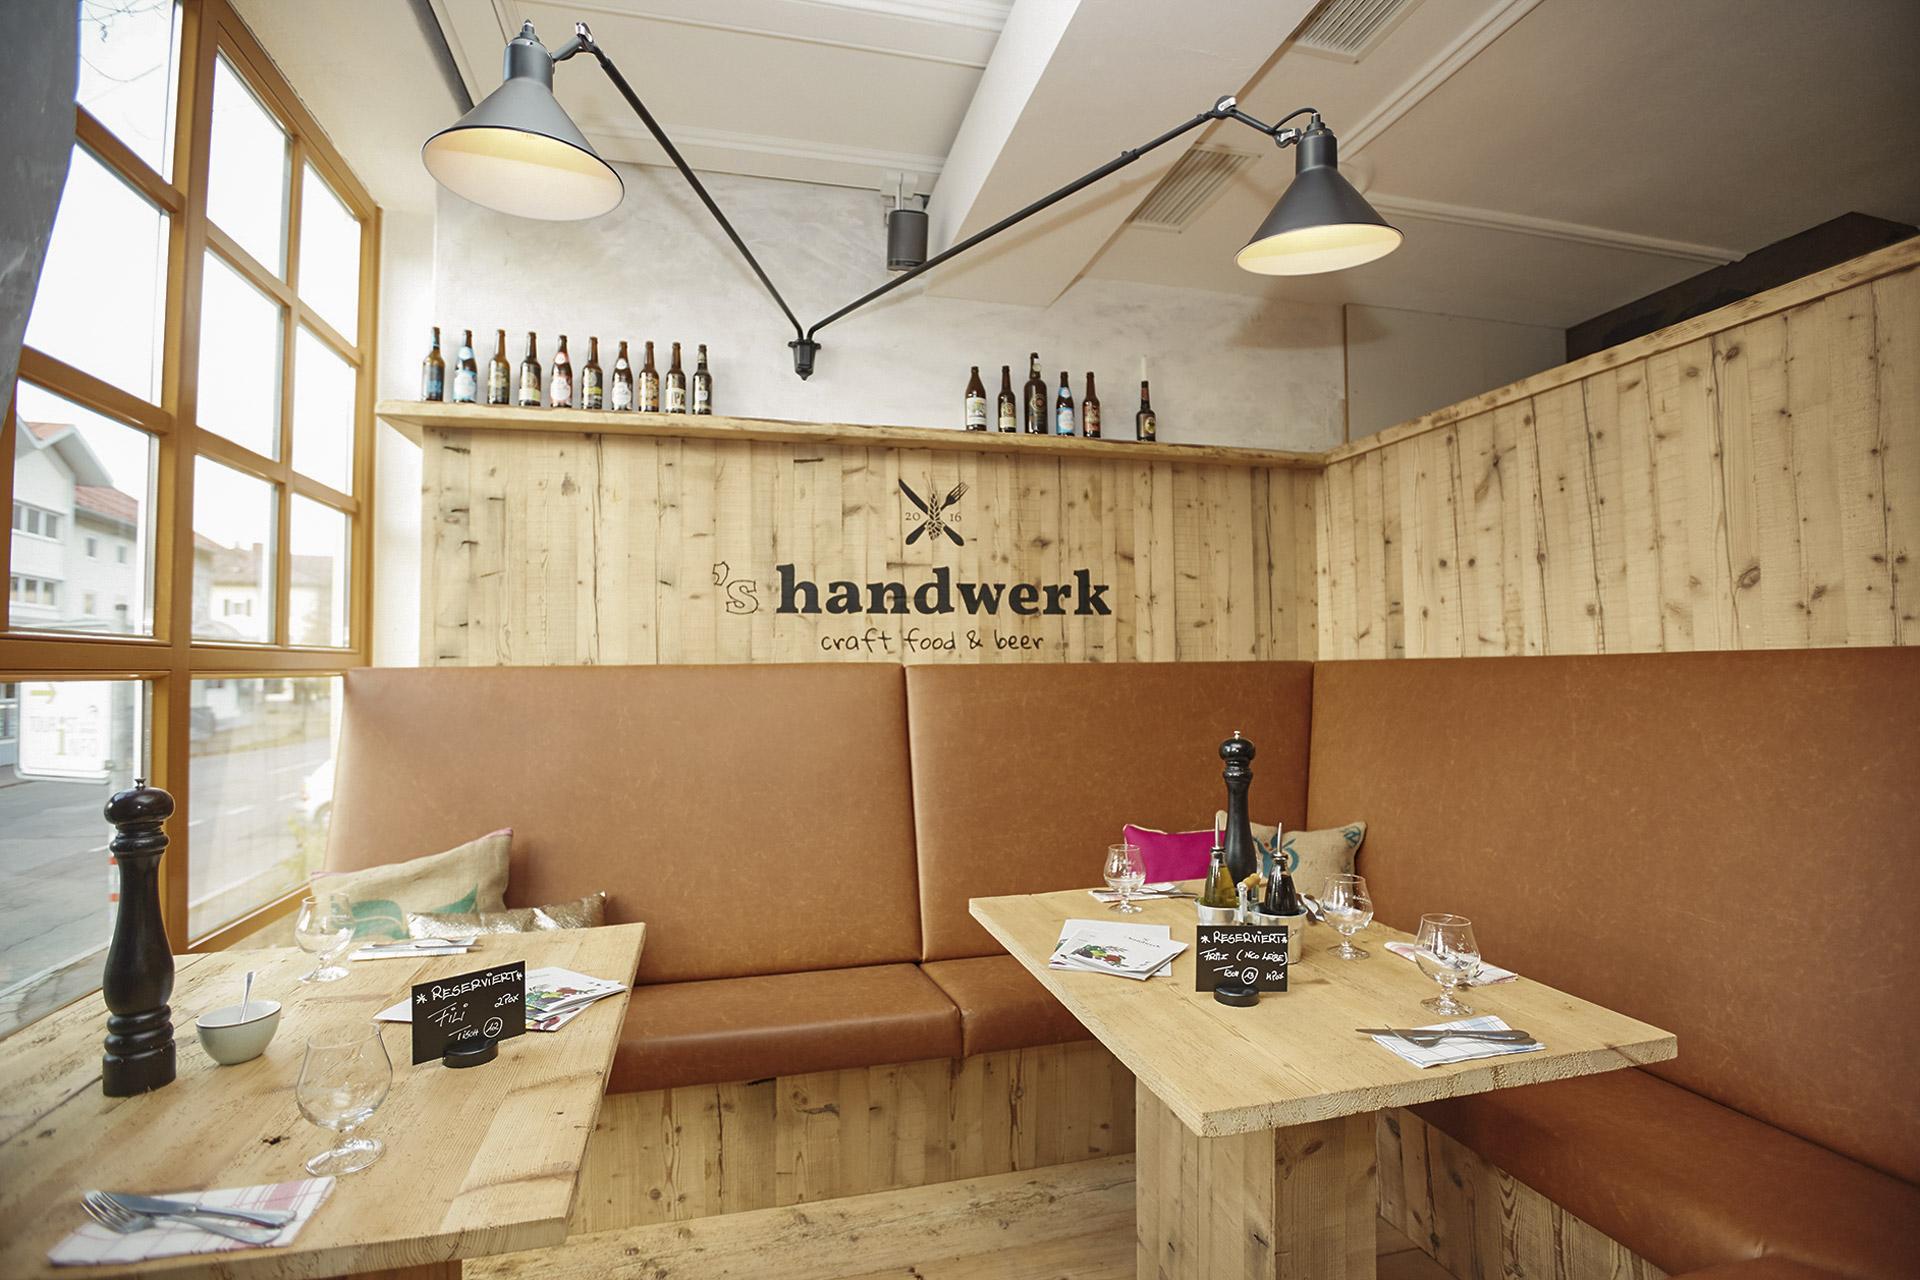 Atemberaubend Handwerker Kücheninsel Bilder - Küche Set Ideen ...